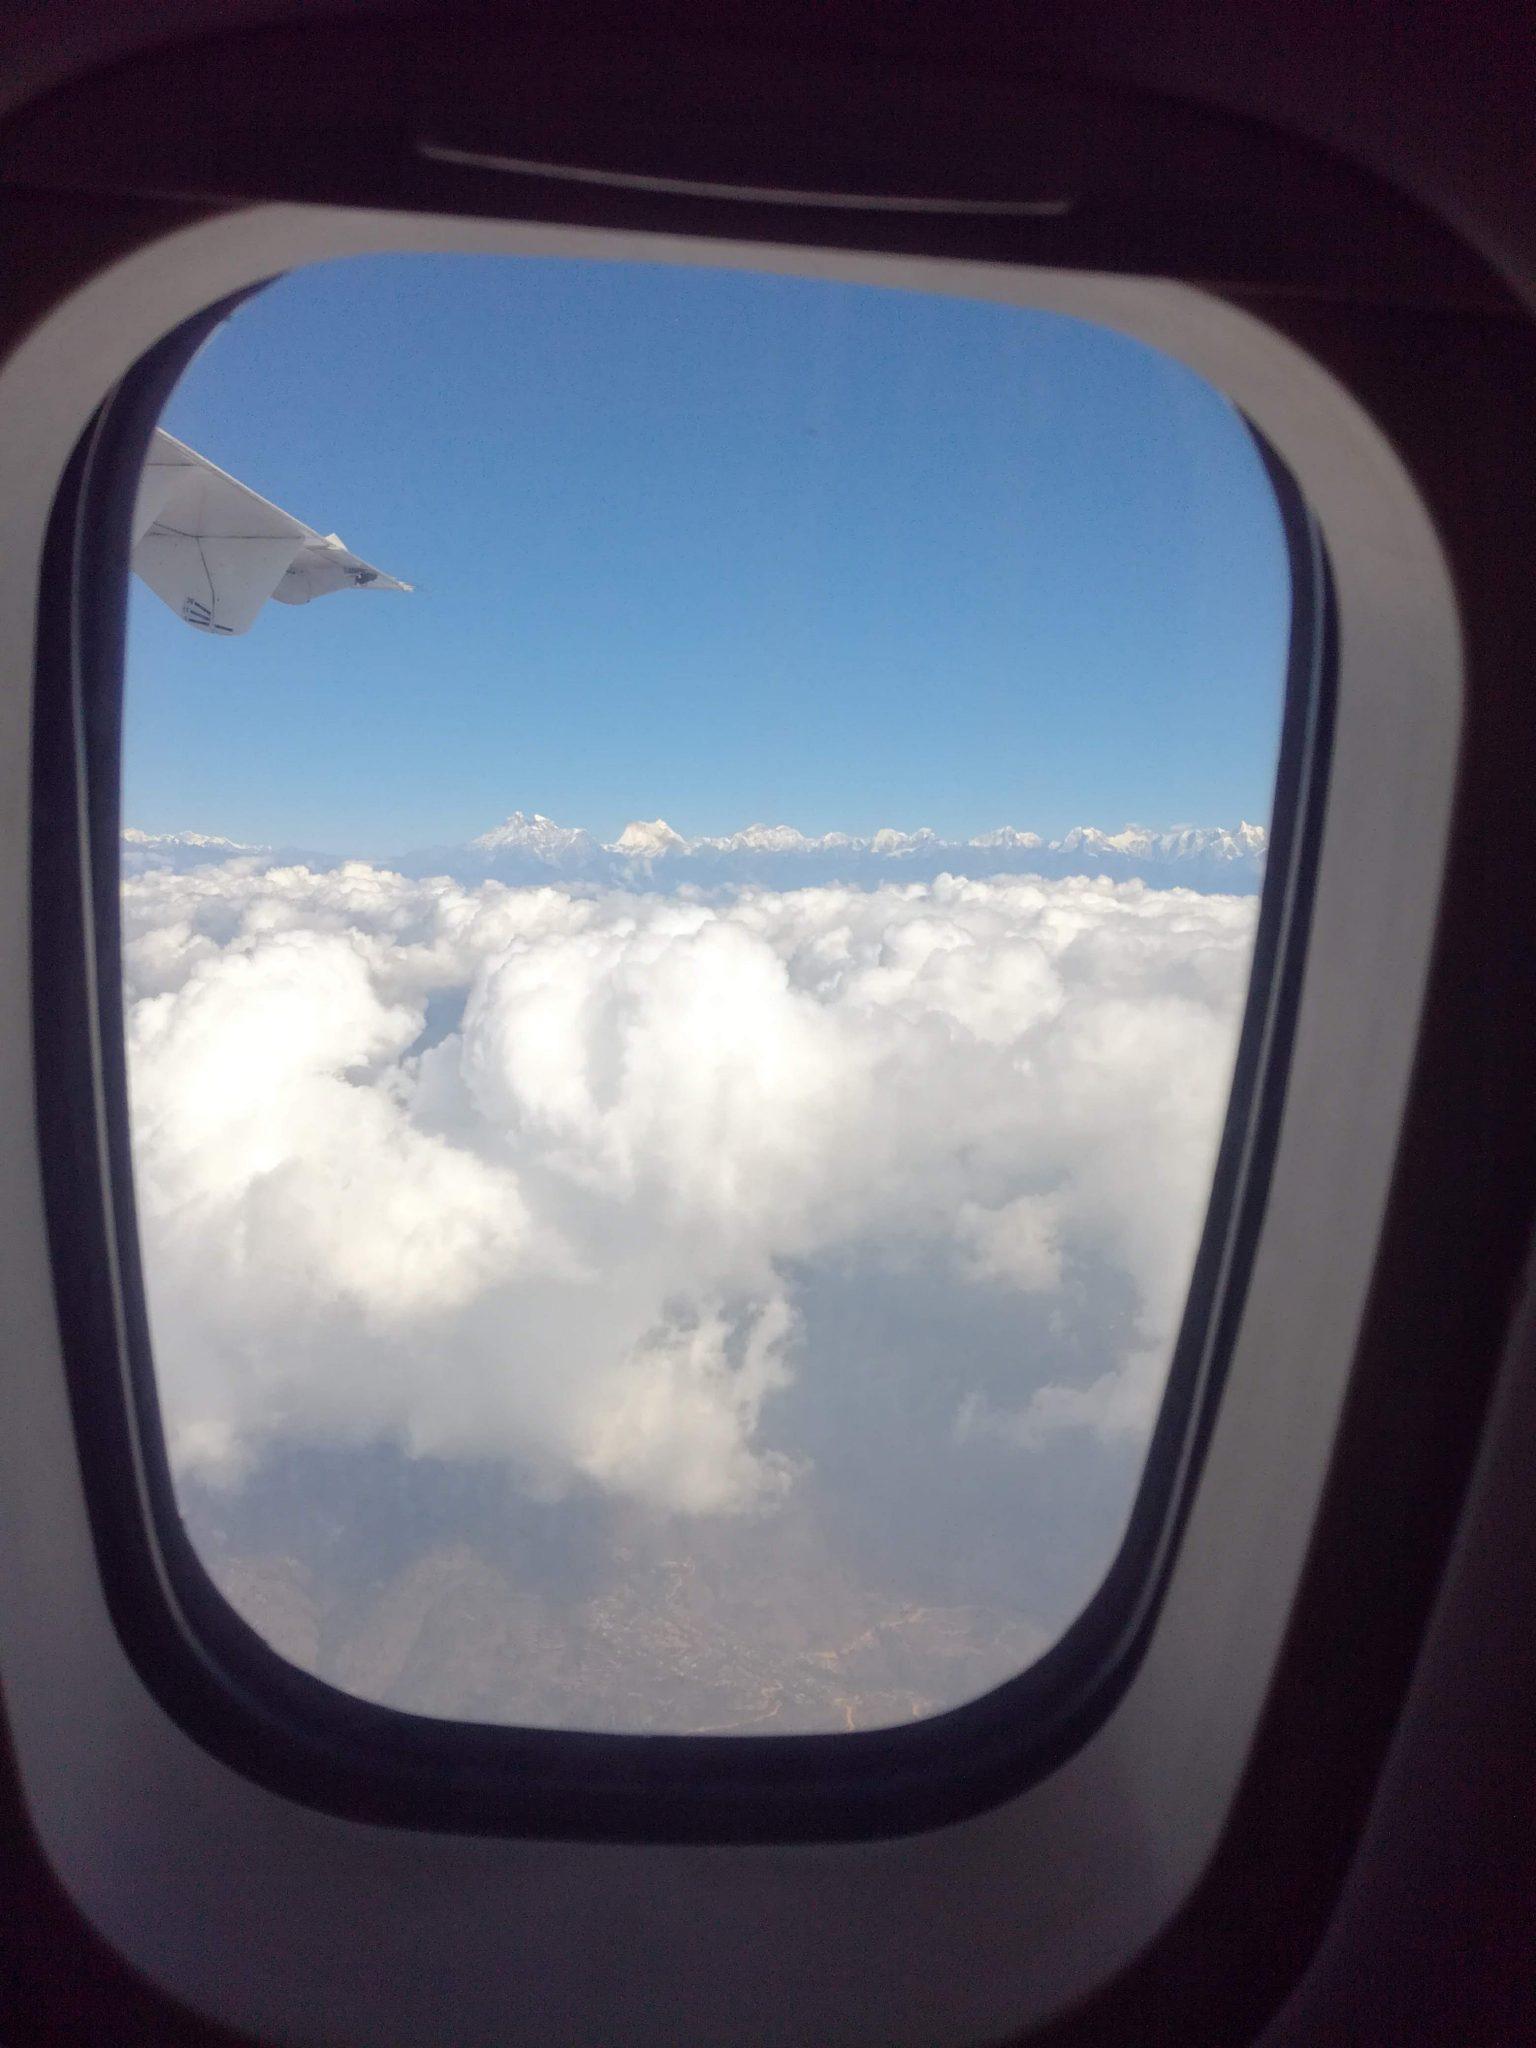 Kuva 1: Himalajan vuoristo näkyy pilvien yllä saavuttaessa Nepaliin. Kuvaaja: Hanna Laitinen